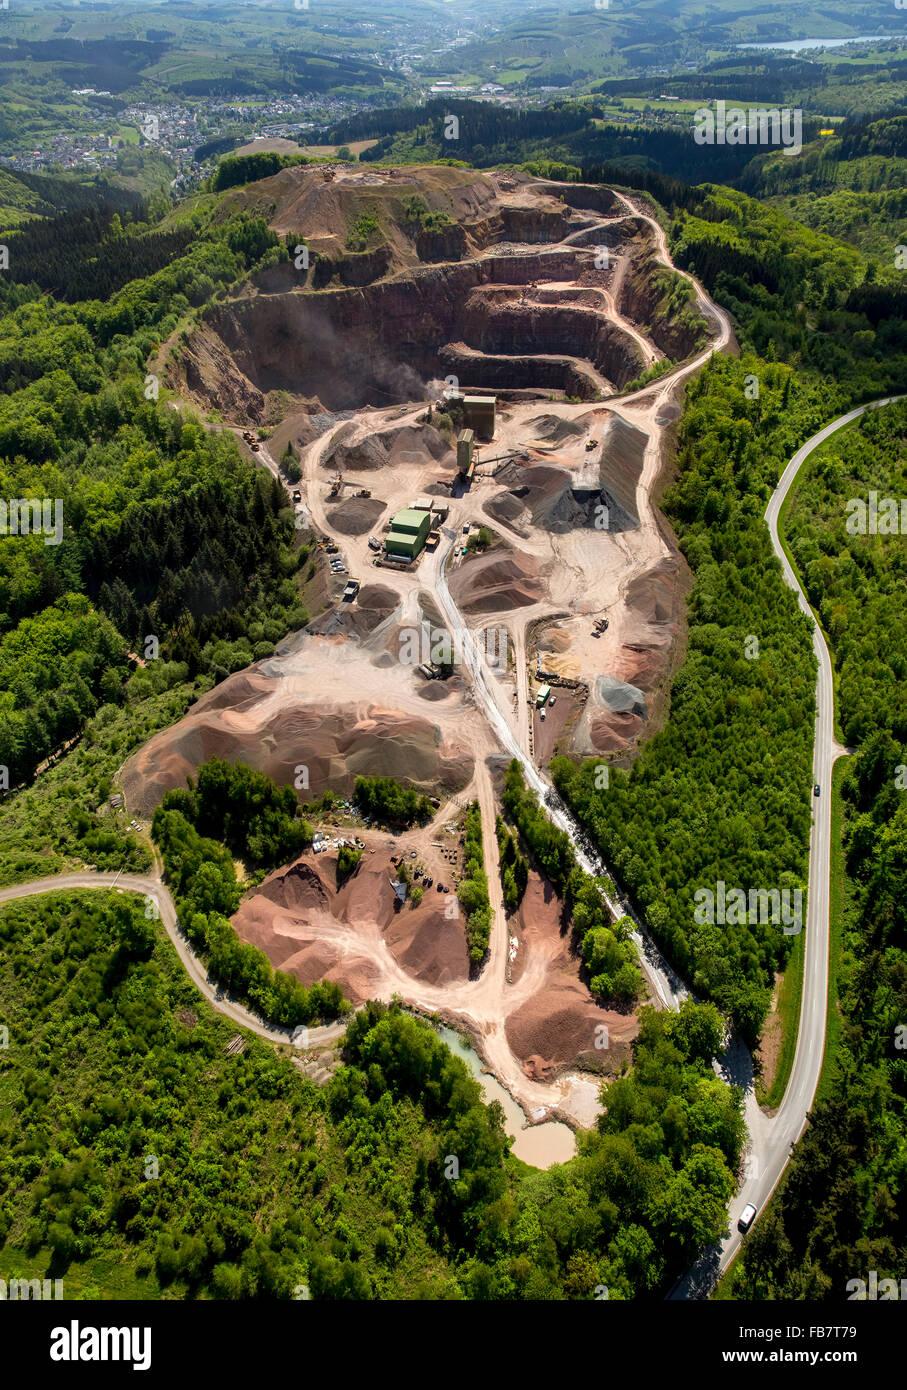 Vista aérea del paisaje, la cantera, el consumo, la minería de piedra caliza en el norte de Sauerland, Imagen De Stock